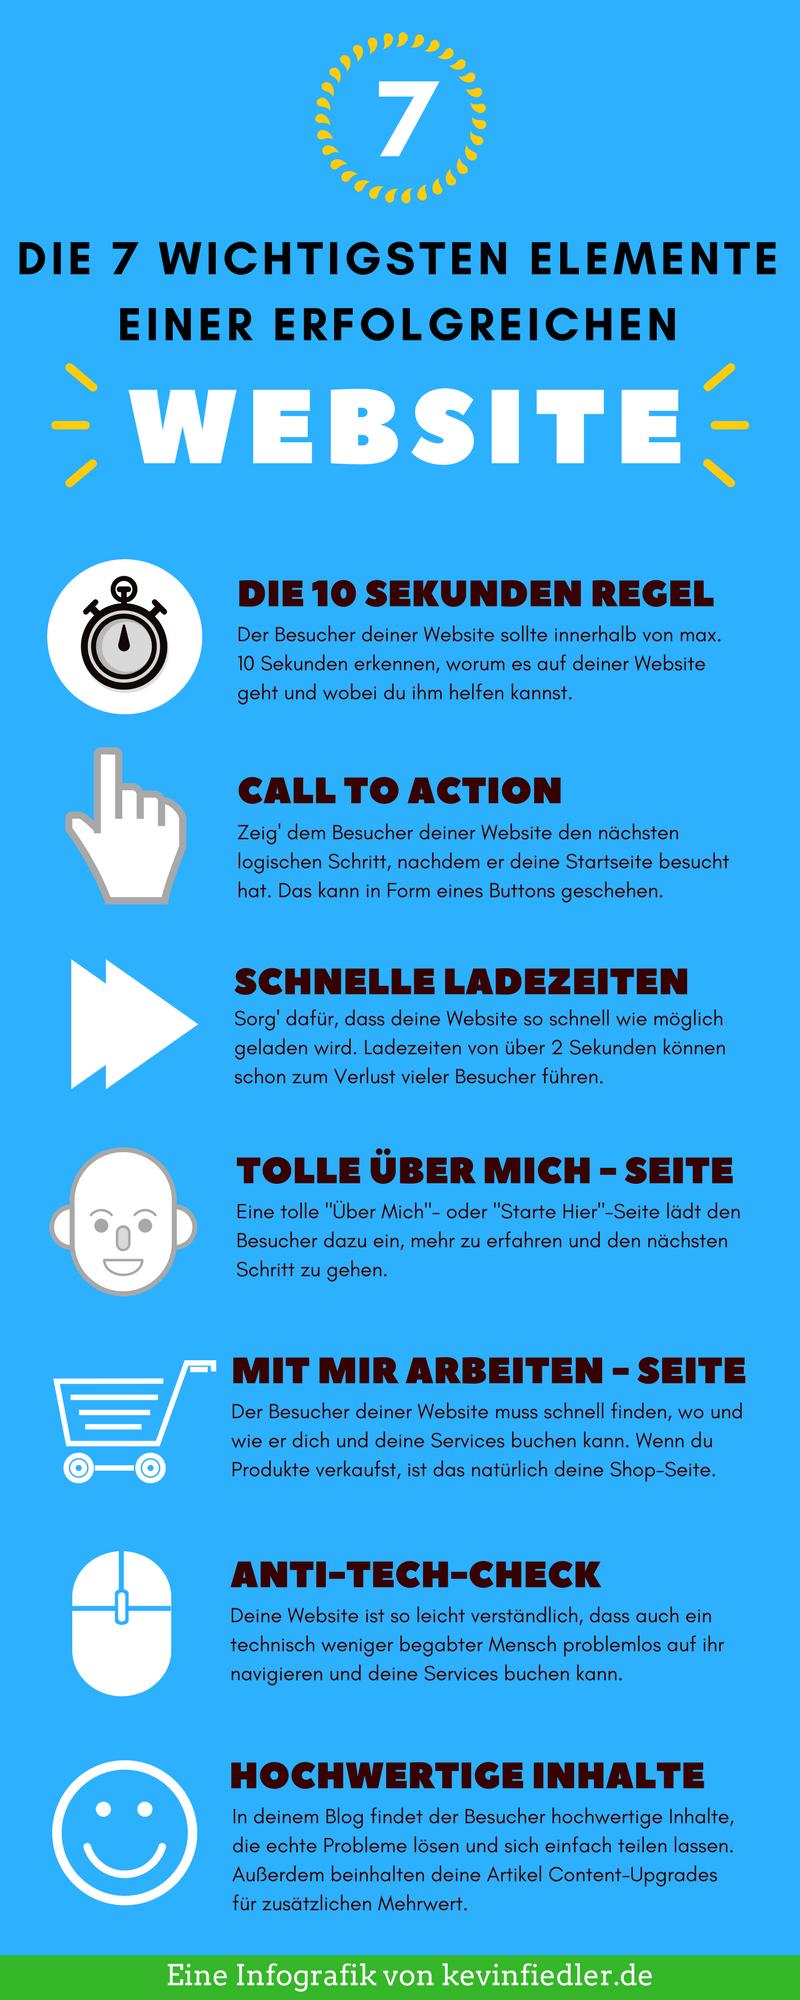 Die 7 wichtigsten Elemente einer Website Infografik